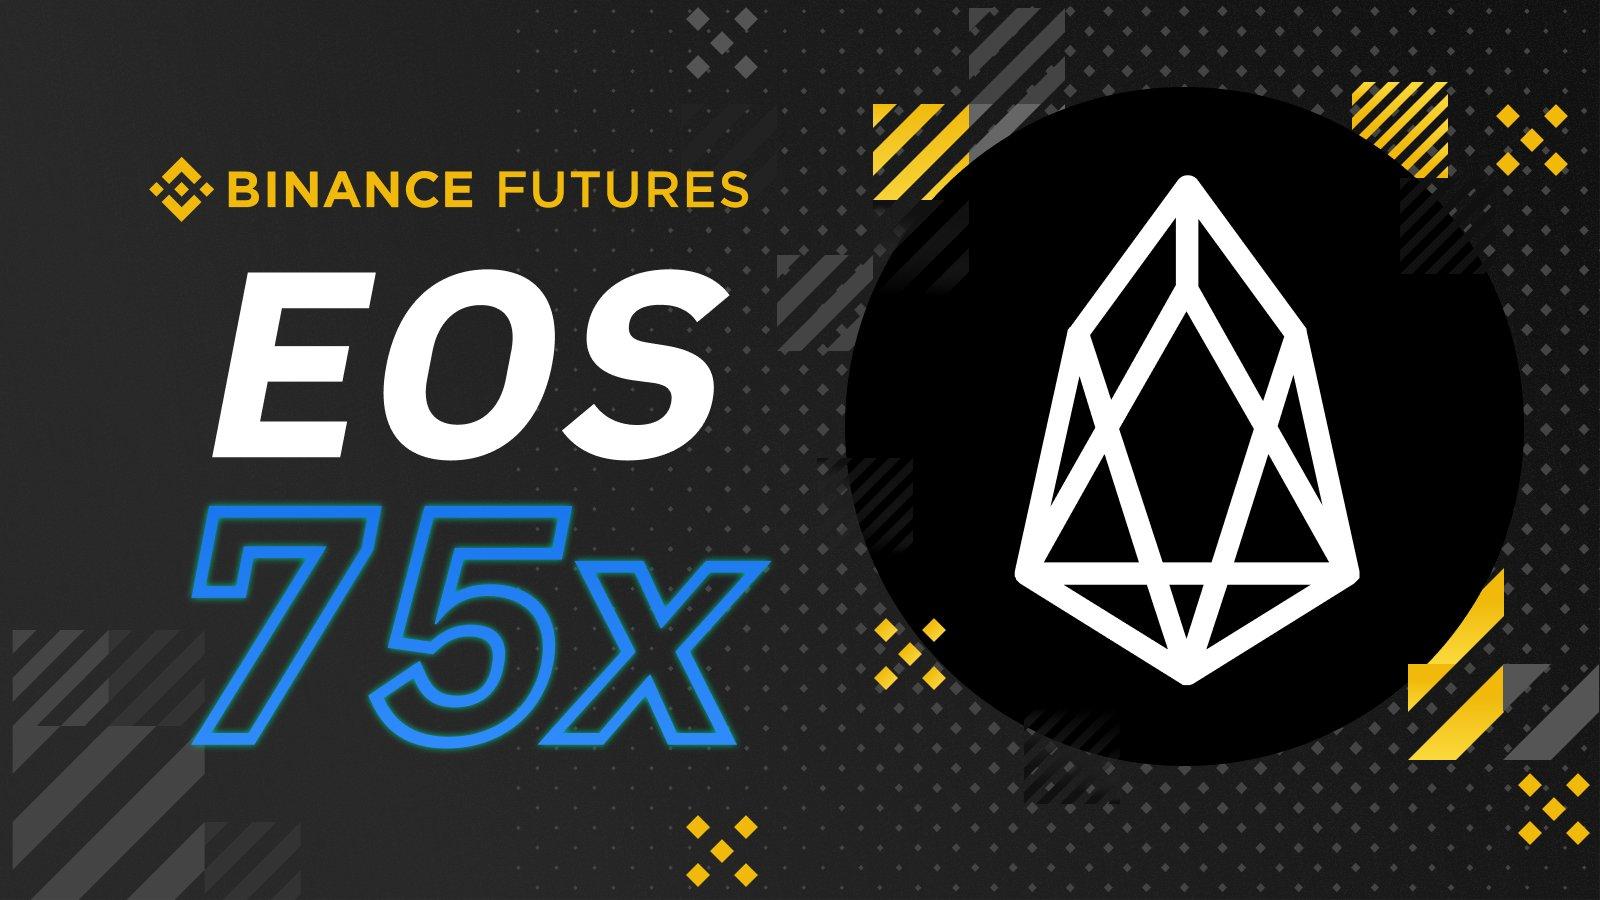 Binance Futures lance ses contrats perpétuels EOS avec effet de levier jusqu